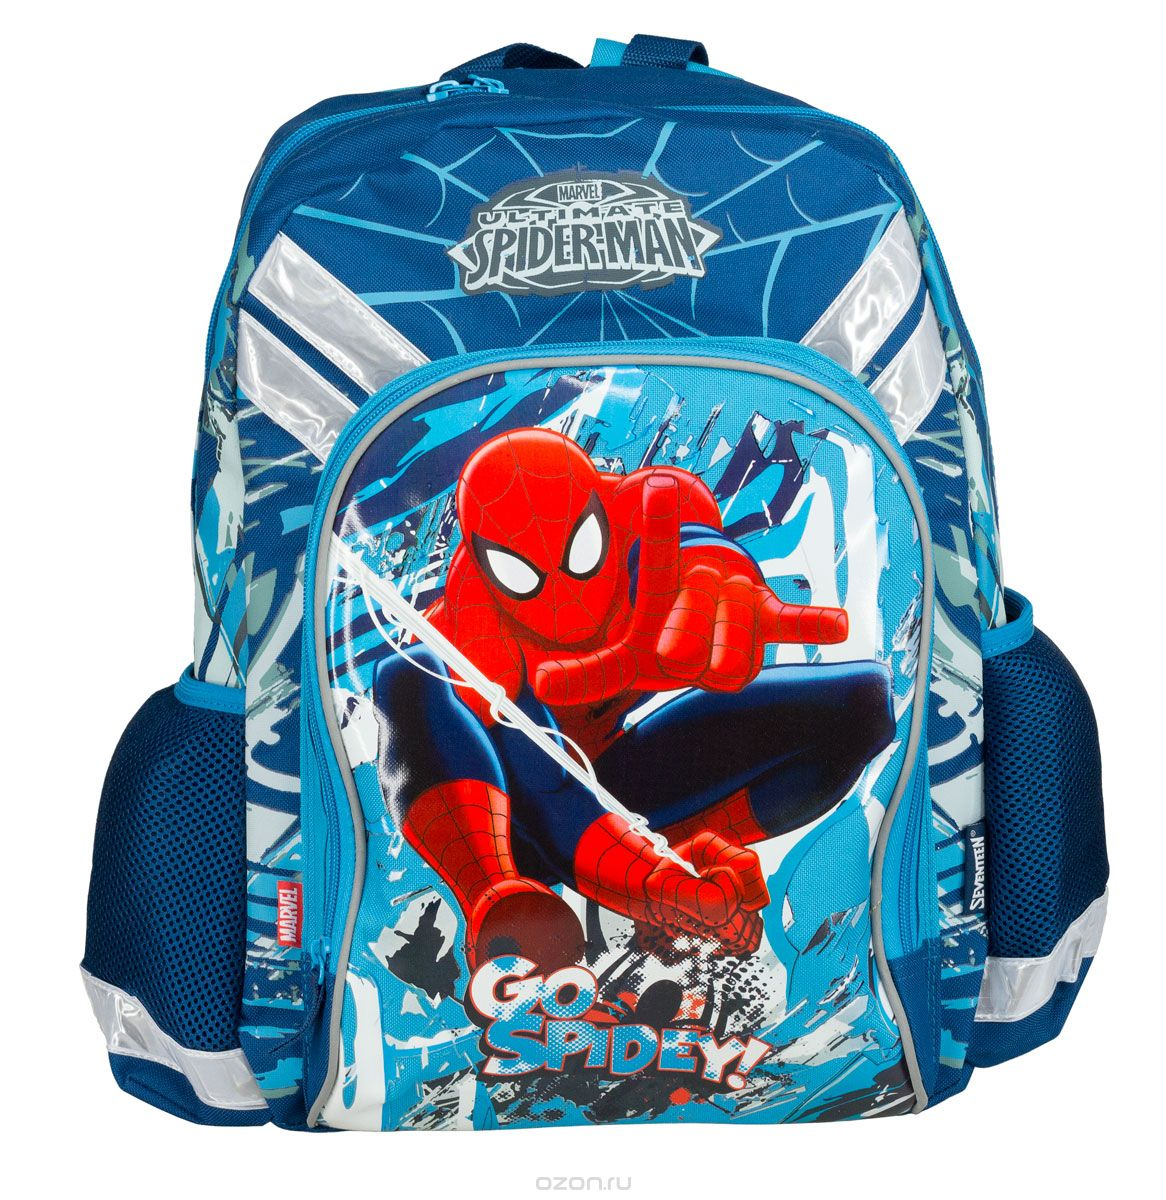 Рюкзак школьный Kinderline Spider-man Classic, цвет: синий, красный, белый. SMCB-MT1-988MSMCB-MT1-988MРюкзак школьный Kinderline Spider-man Classic выполнен из износоустойчивых материалов с водонепроницаемой основой, декорирован яркой аппликацией. Рюкзак имеет одно основное отделение, закрывающееся на молнию с двумя бегунками. Внутри отделения расположены два разделителя с утягивающей резинкой для тетрадей и учебников. На лицевой стороне ранца расположен накладной карман на молнии. По бокам ранца размещены два дополнительных накладных открытых кармана.Уплотненная спинка равномерно распределяет нагрузку на плечевые суставы и спину. Удлиненные держатели облегчают фиксацию длины ремней с мягкими подкладками. Ранец оснащен удобной ручкой для переноски и двумя широкими лямками, регулируемой длины. Многофункциональный школьный ранец станет незаменимым спутником вашего ребенка в походах за знаниями.